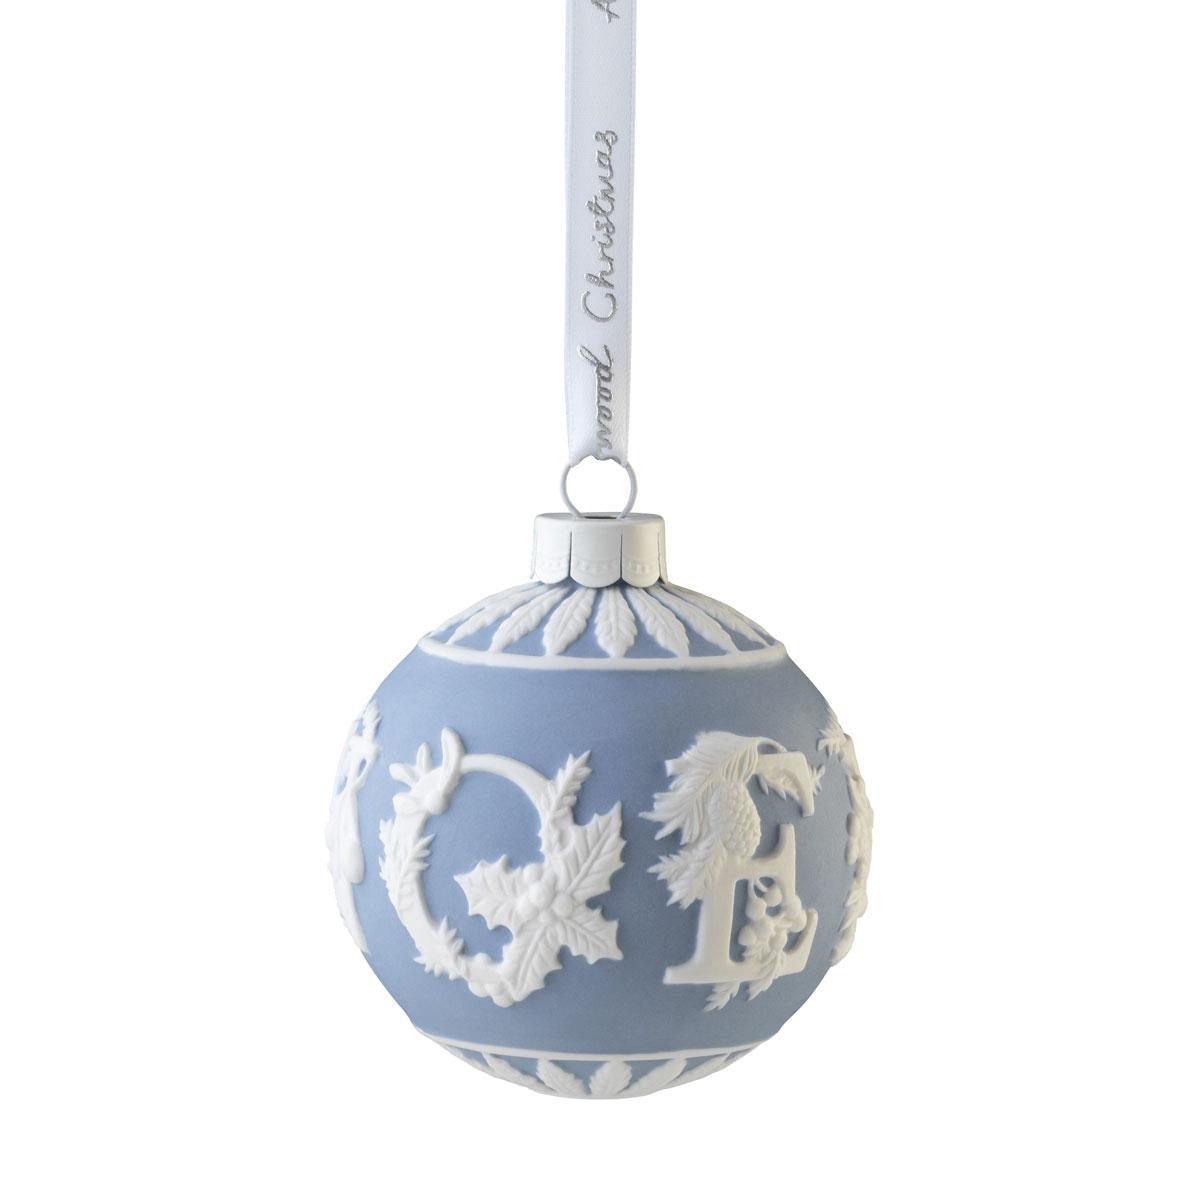 Wedgwood 2021 Noel Bauble Ornament